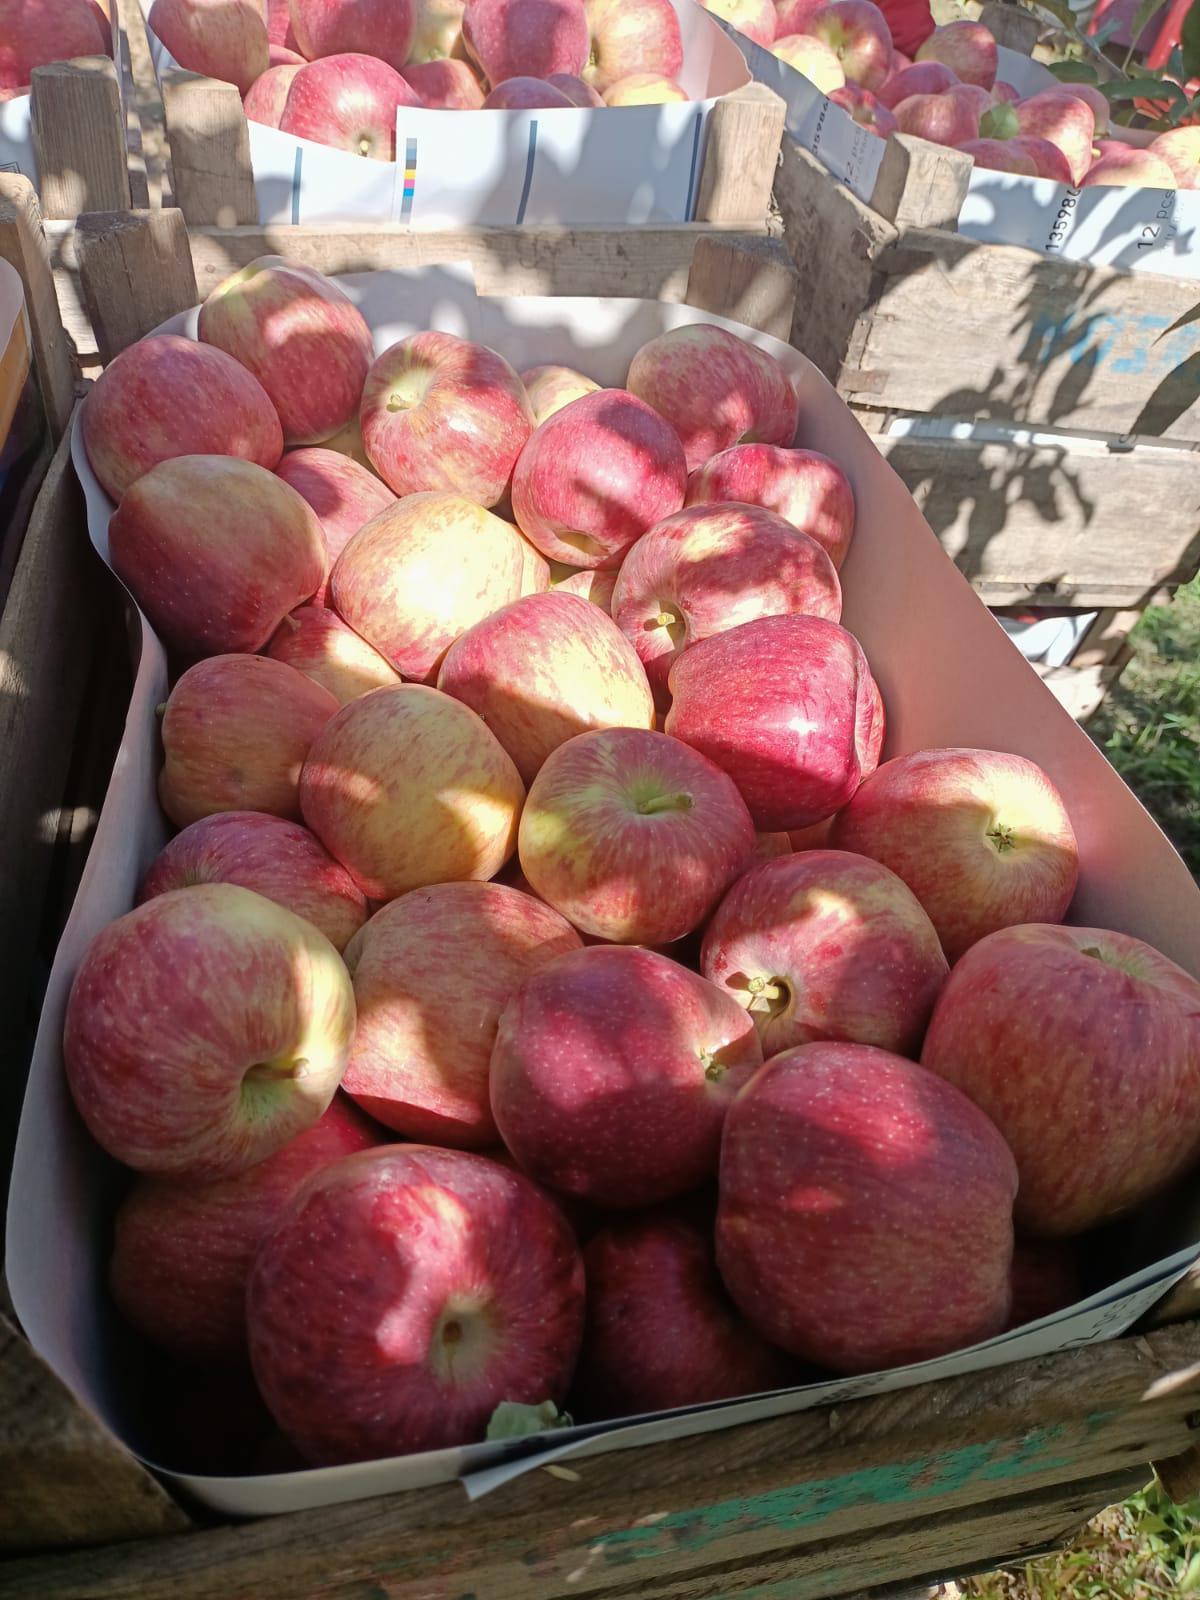 Tokat Merkez Satılık Elma